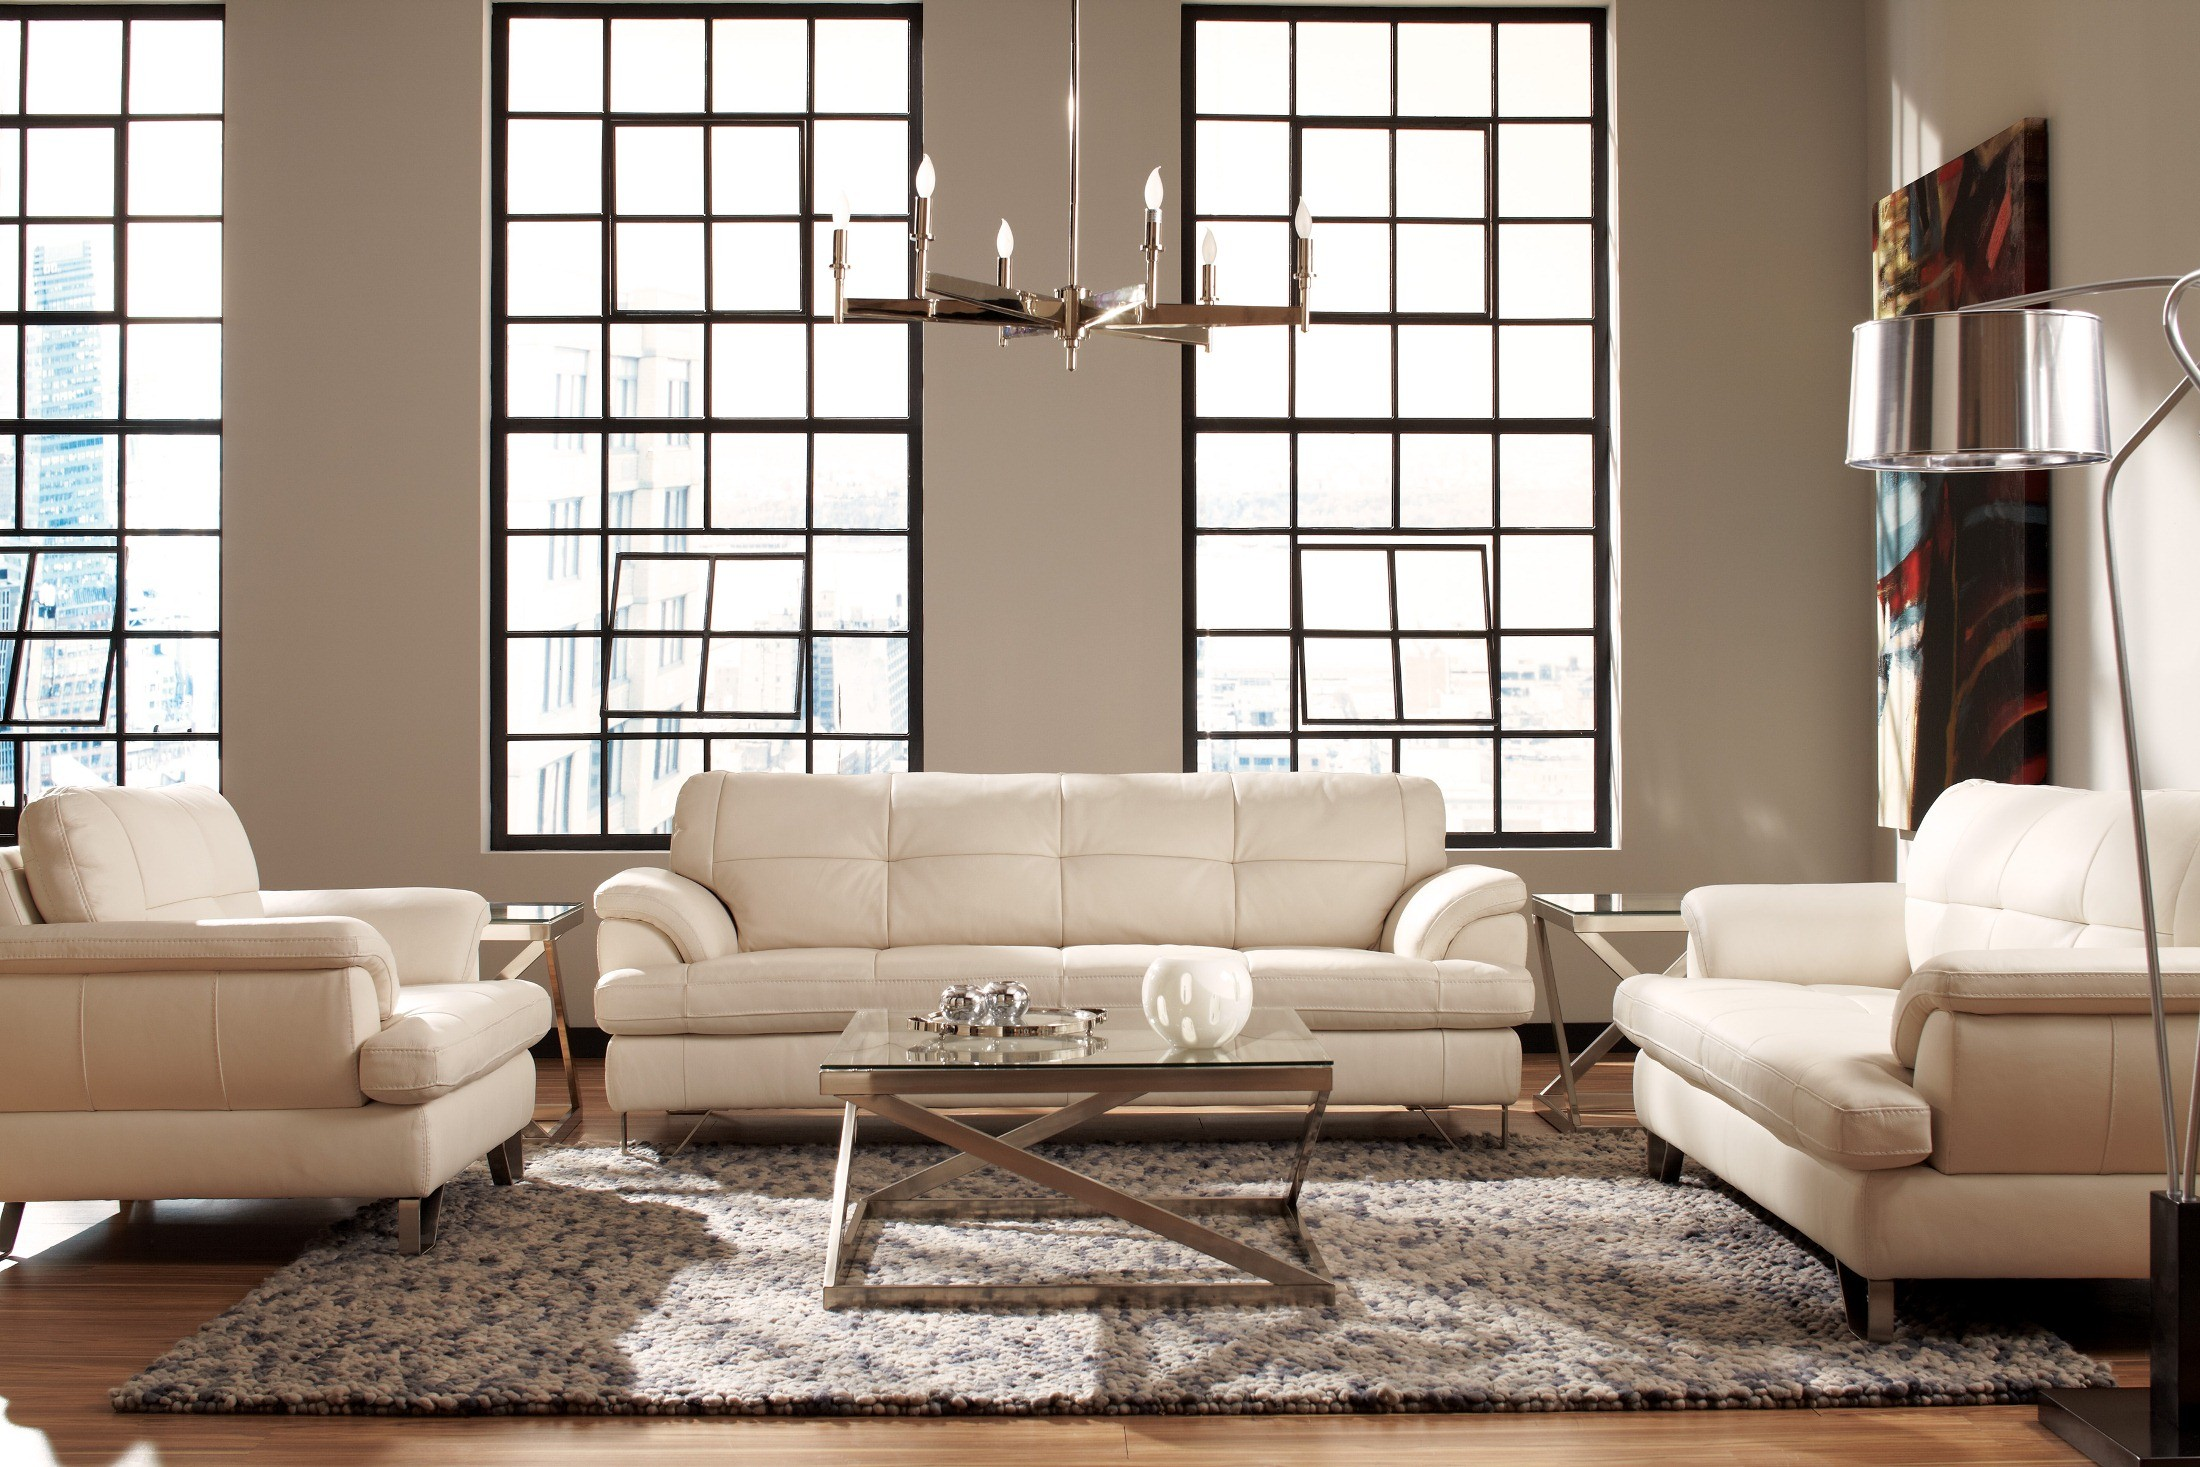 Gunter brilliant white living room set u81300 38 35 signature design